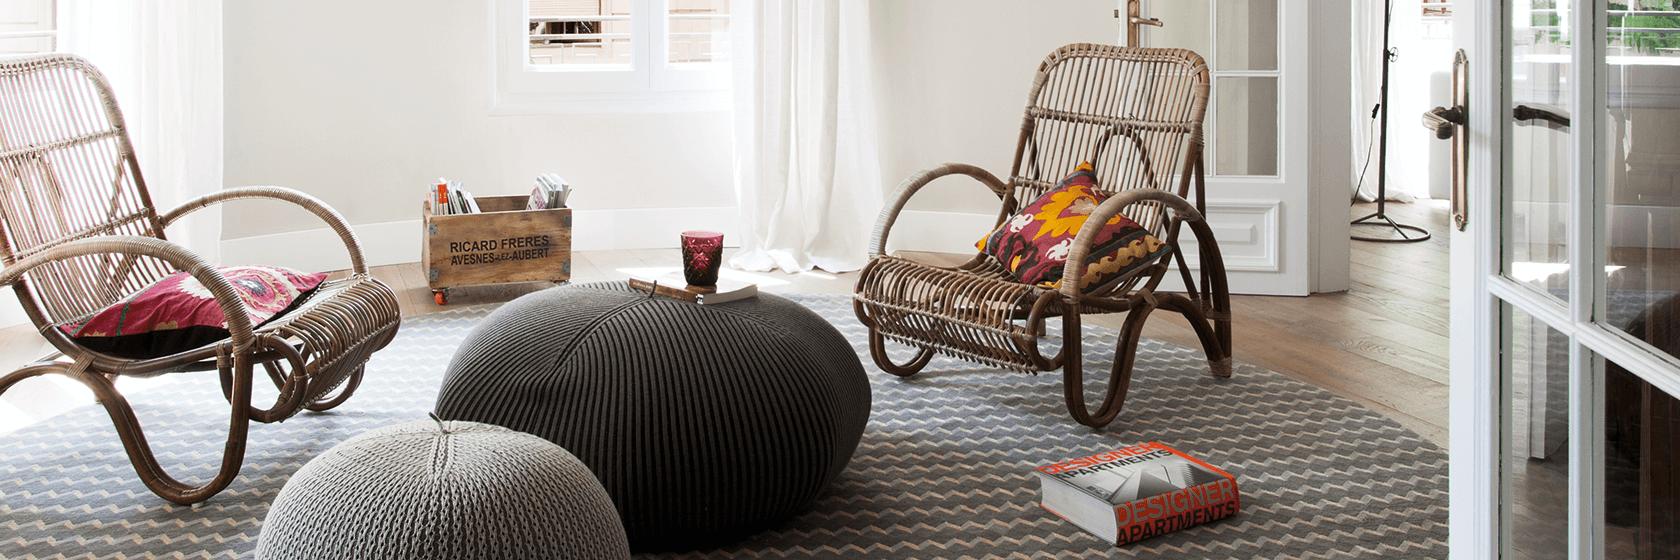 Abans i després: Espai Travessera | The Room Studio